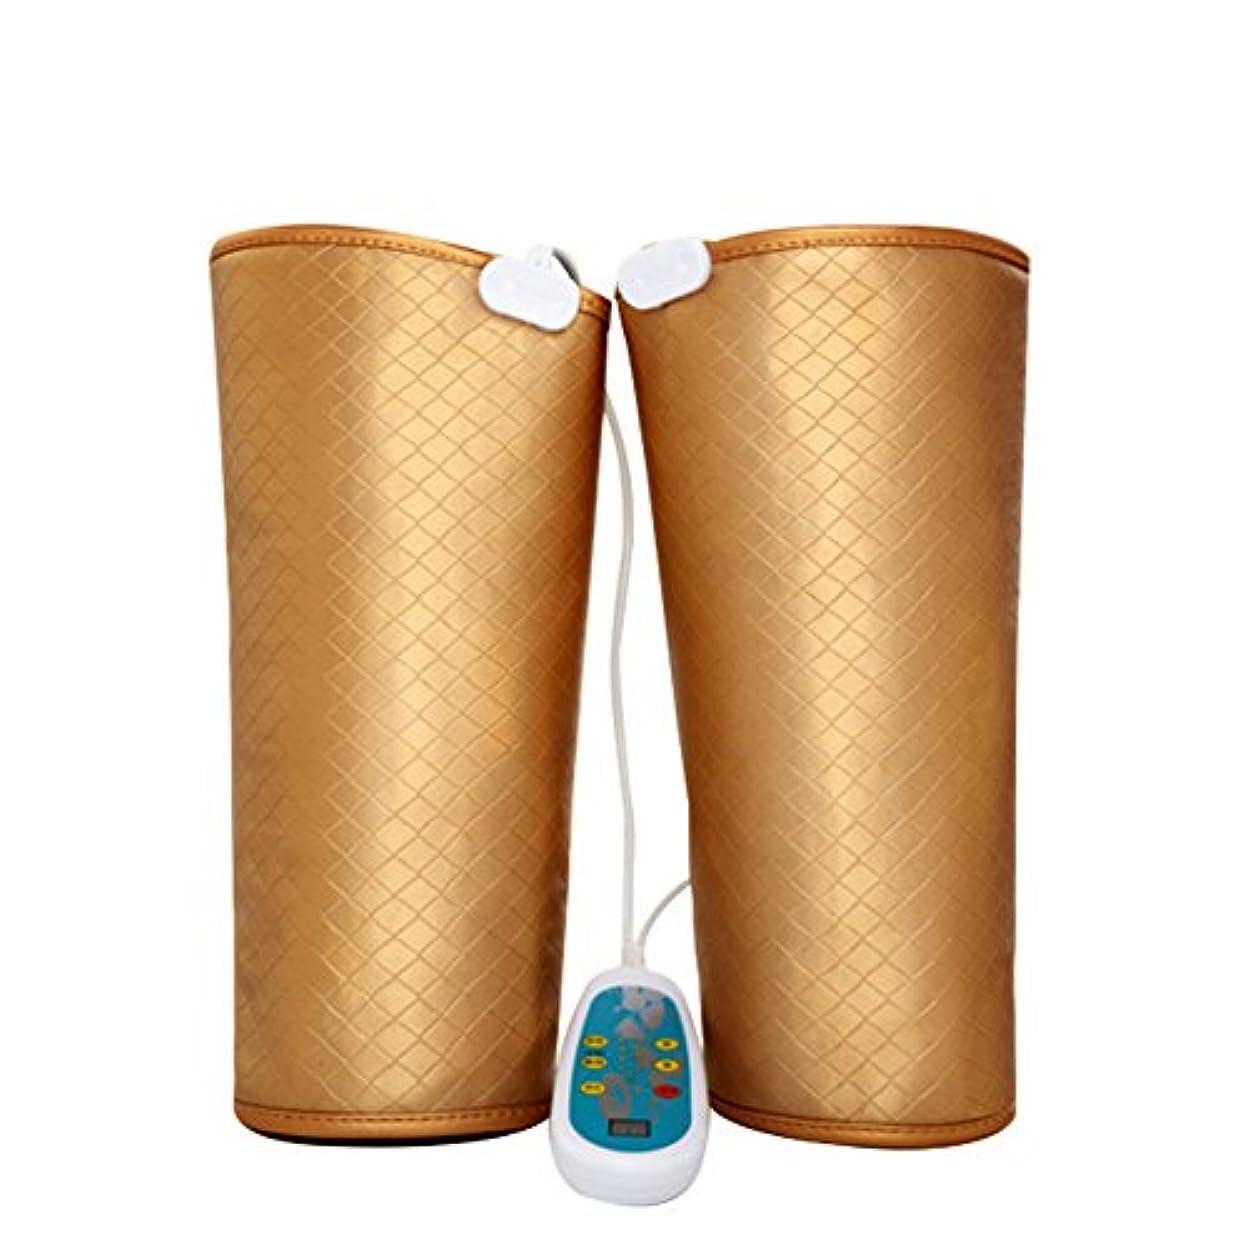 増強する既に遺体安置所電気マッサージ、膝の保温、男女通用、マッサージ機、膝と足を加熱してマッサージします